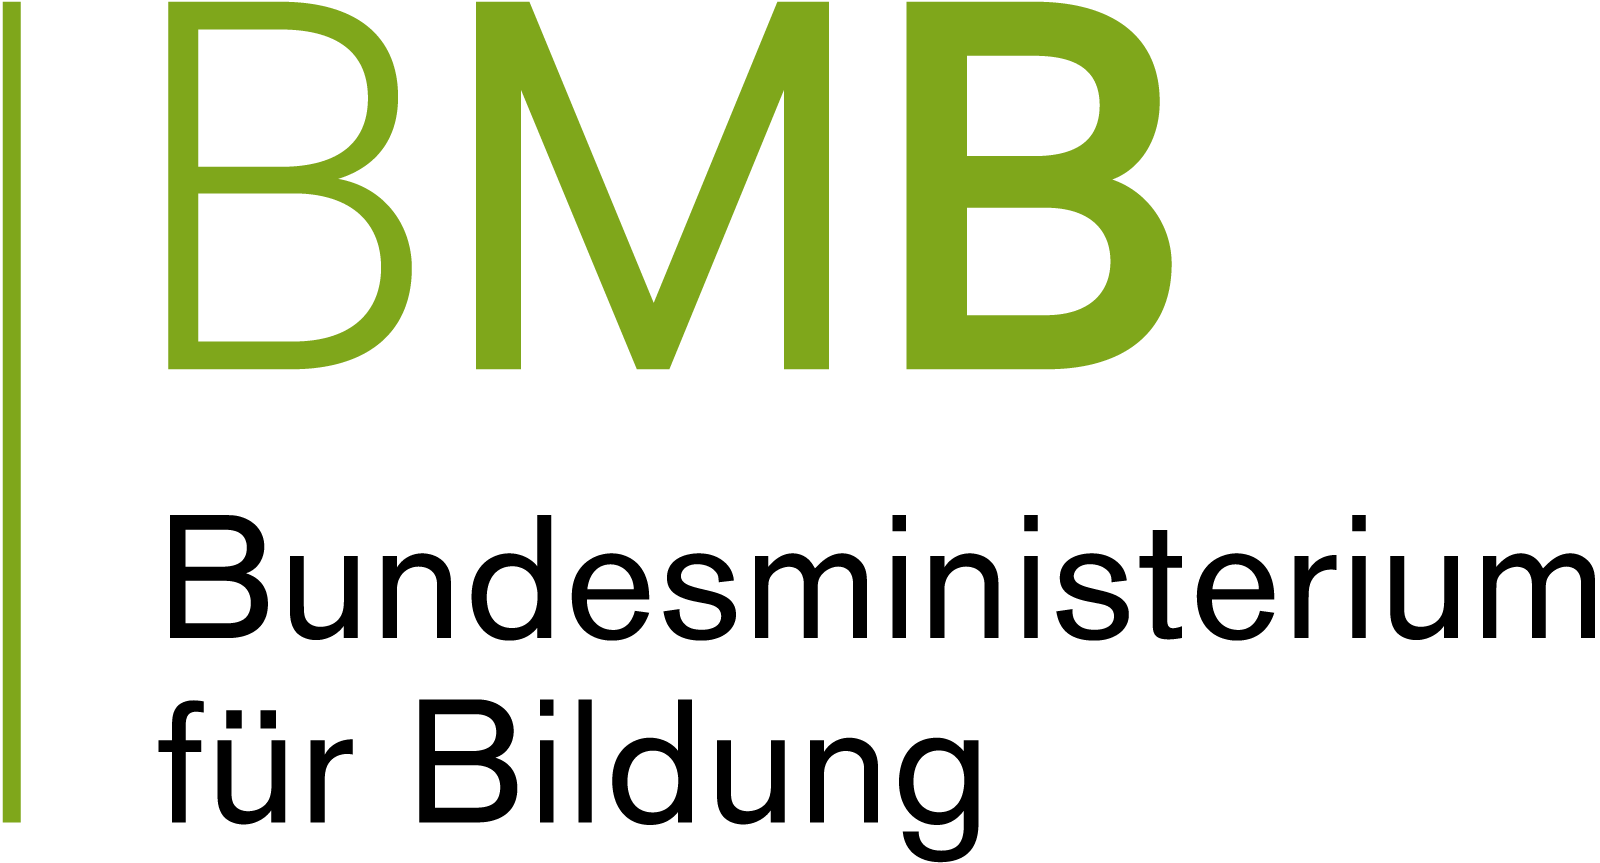 bmb_logo_rgb